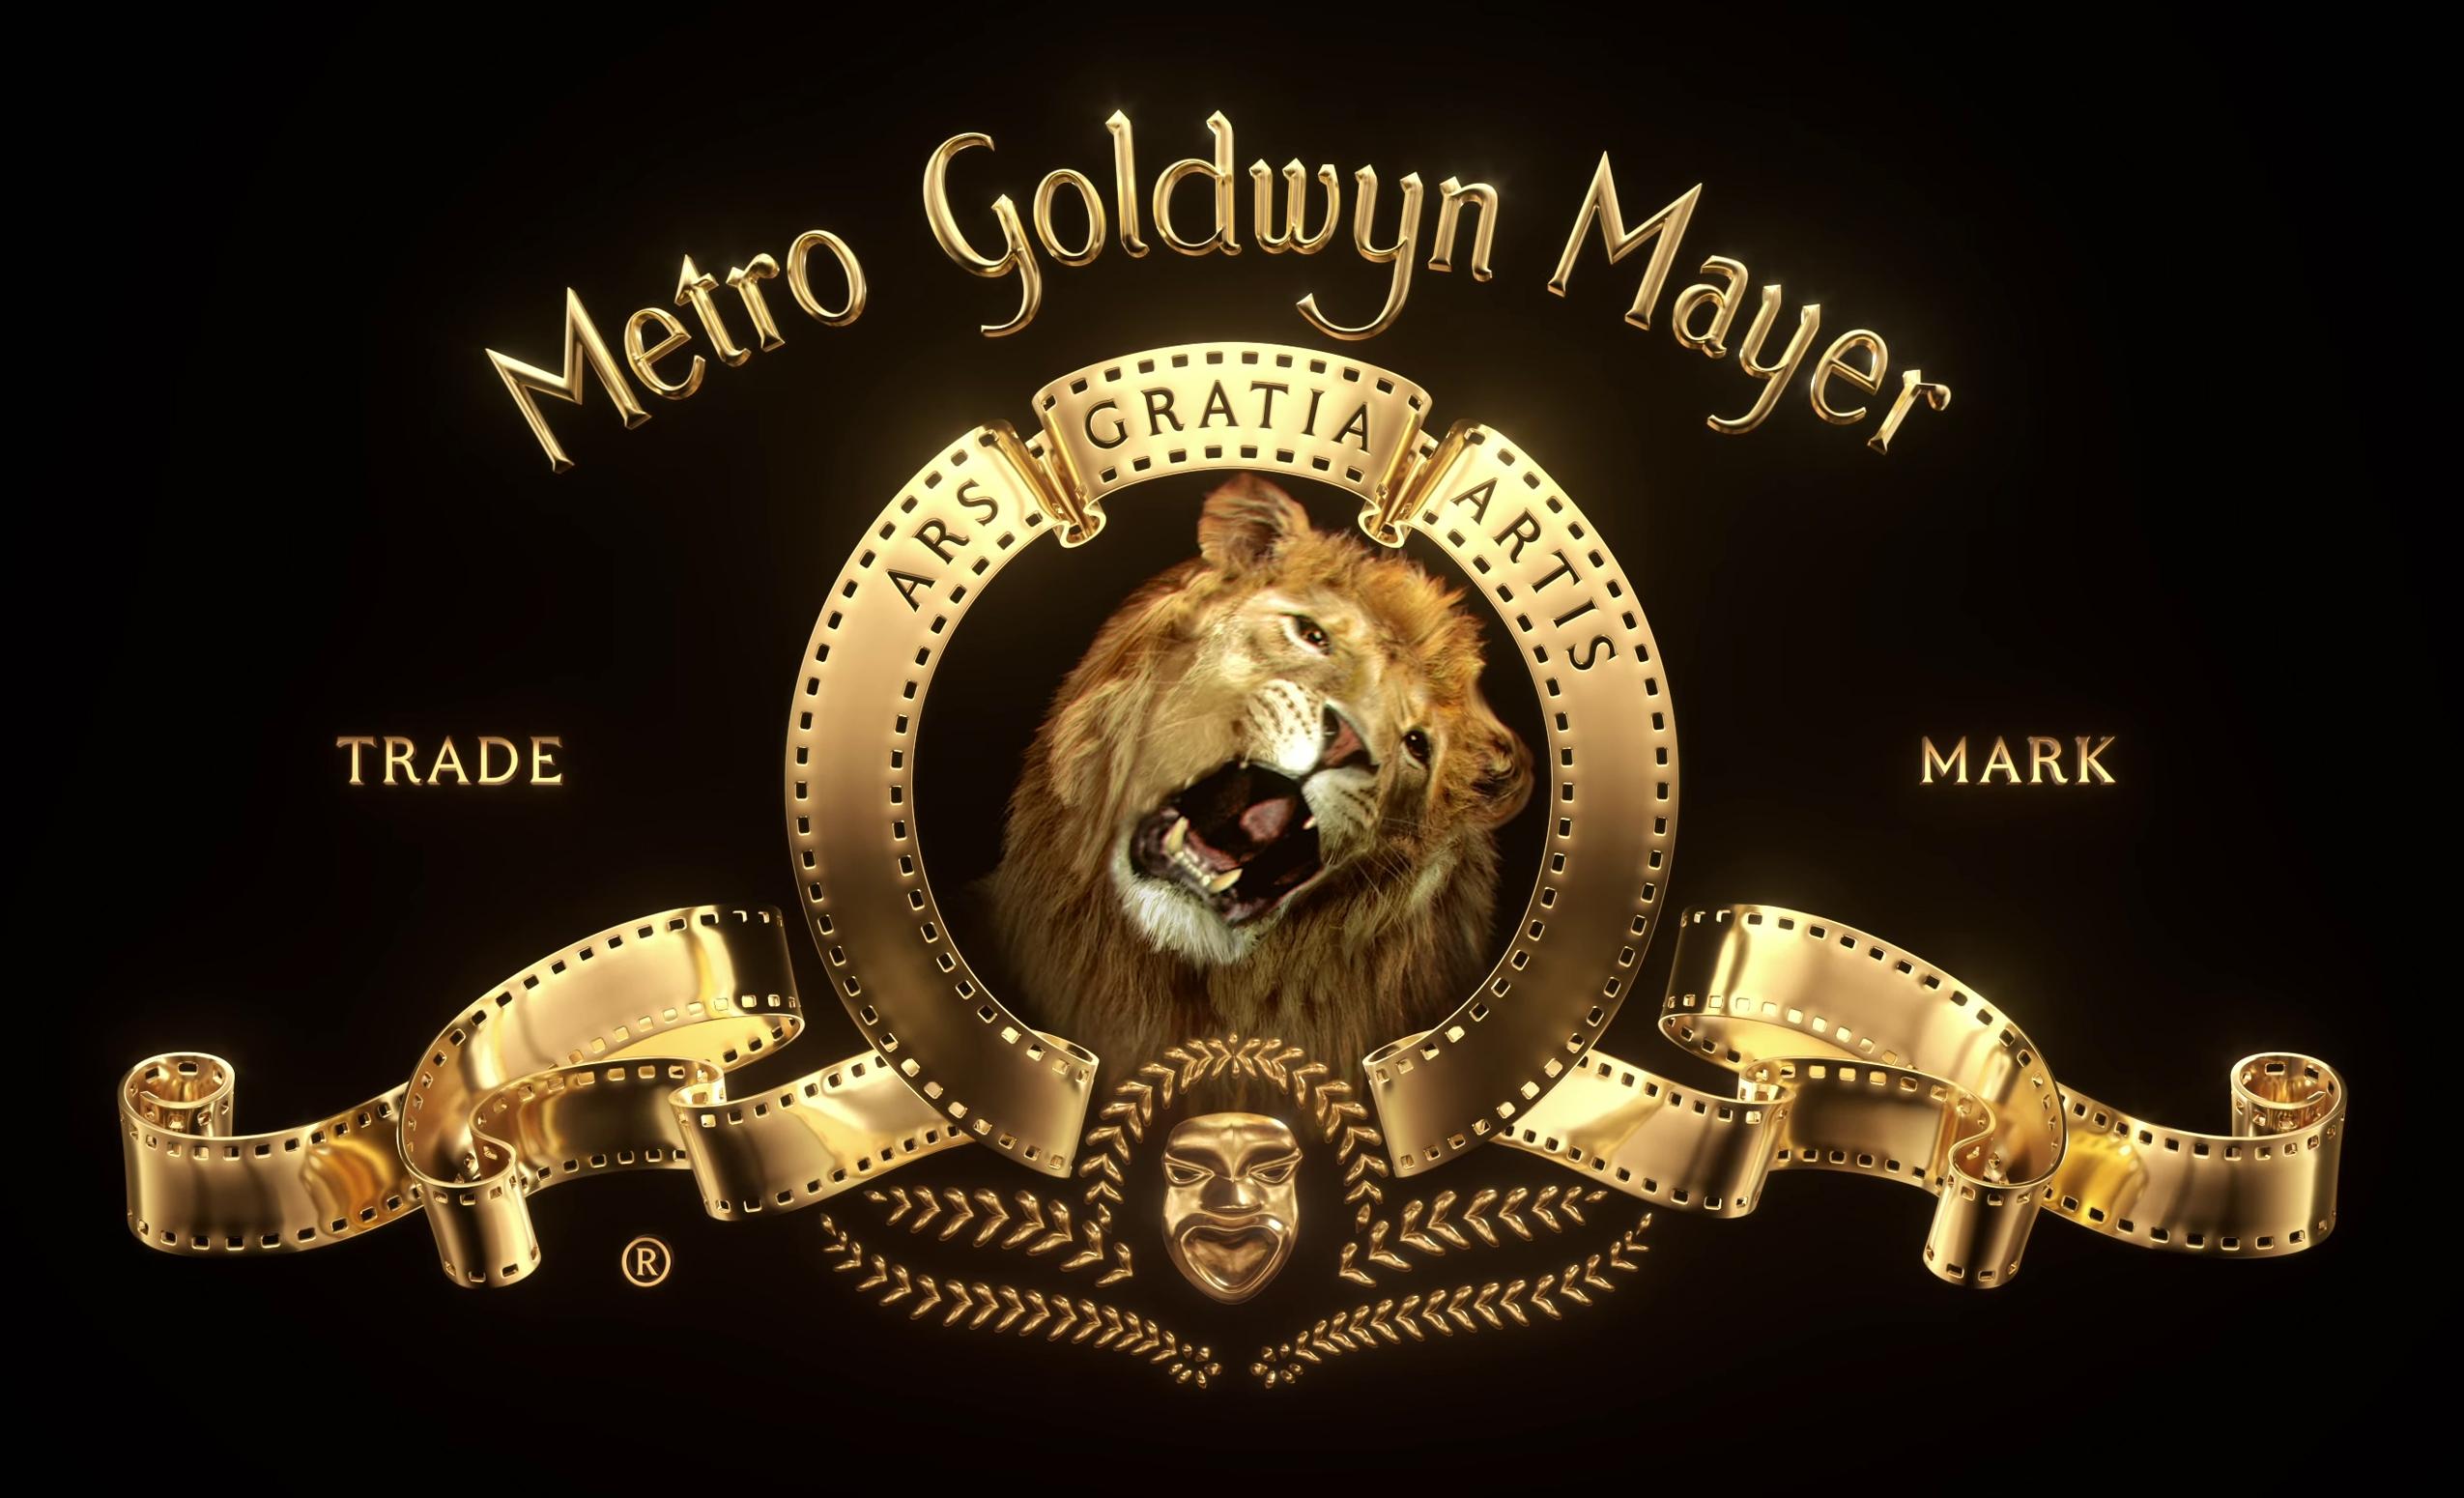 Léon le lion Par Metro-Goldwyn-Mayer - Baked Studios — Extrait de MGM AV LOGO, marque déposée, photo wikipedia.